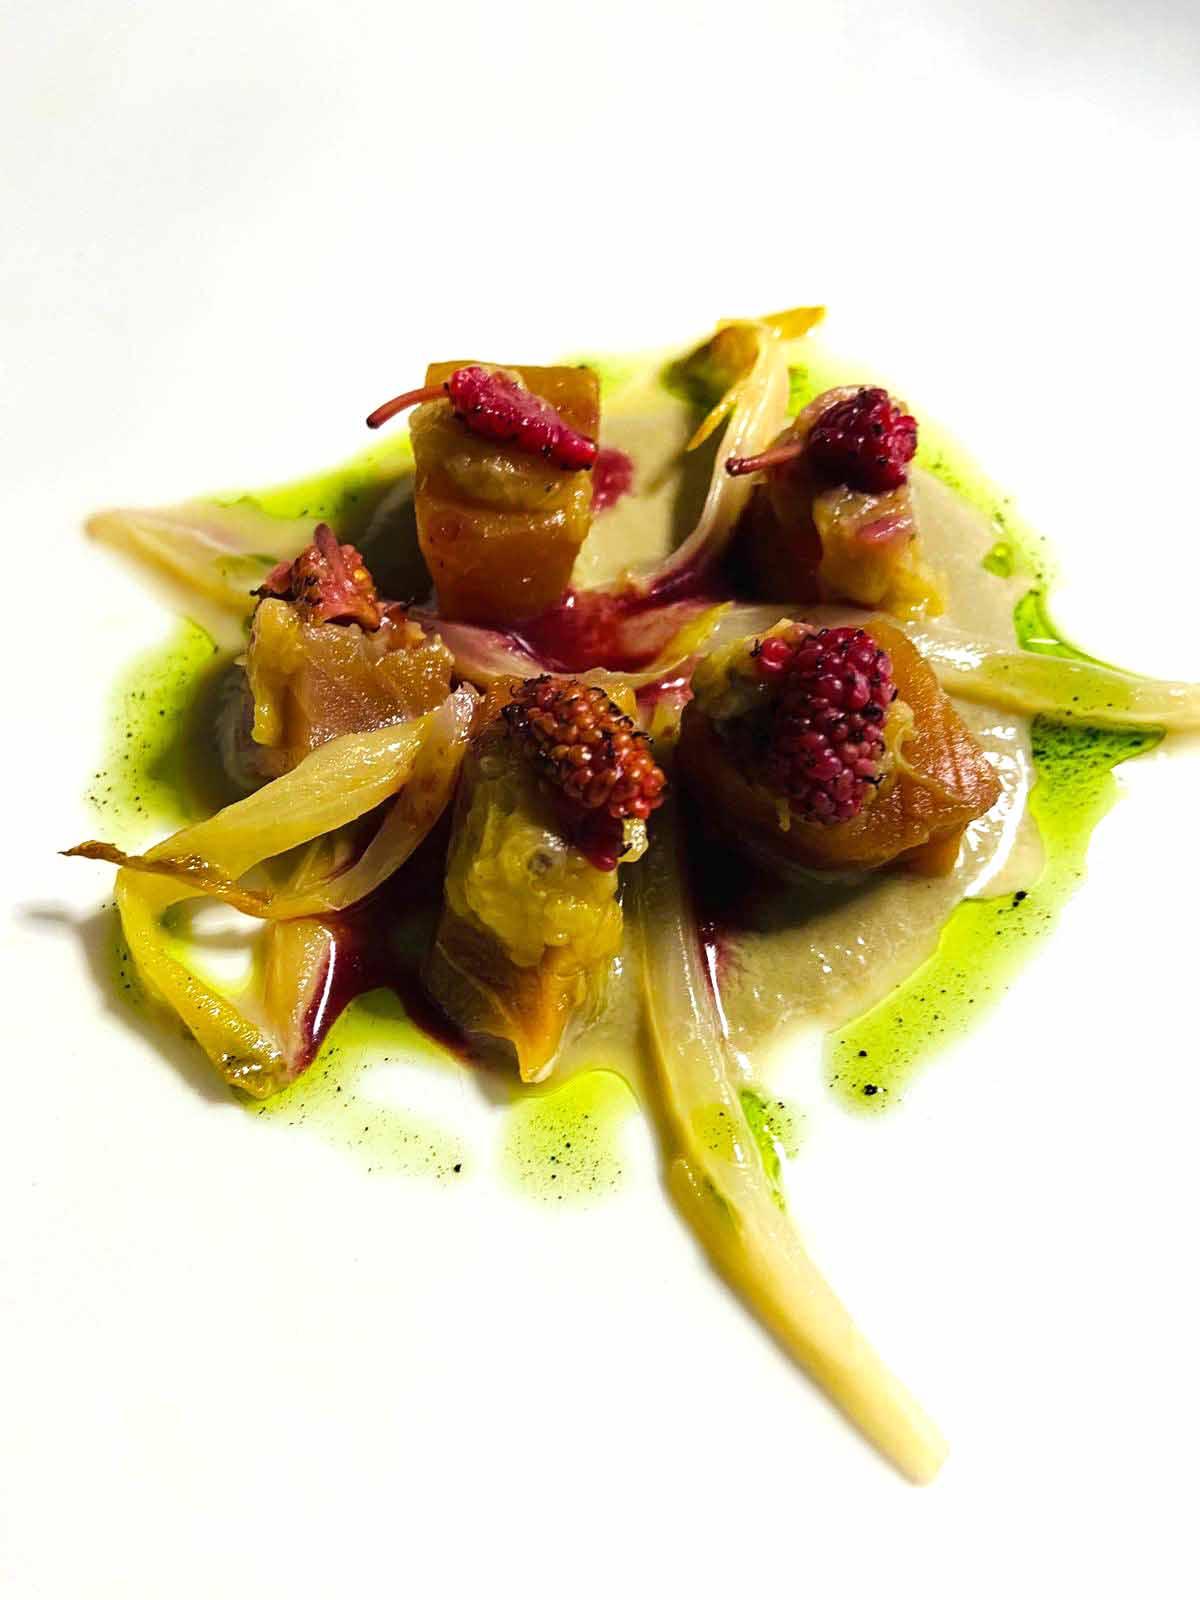 Ricciola marinata in soia e miele, alla griglia, poco cotta, salsa di champignon e chartreuse, olio al plancton